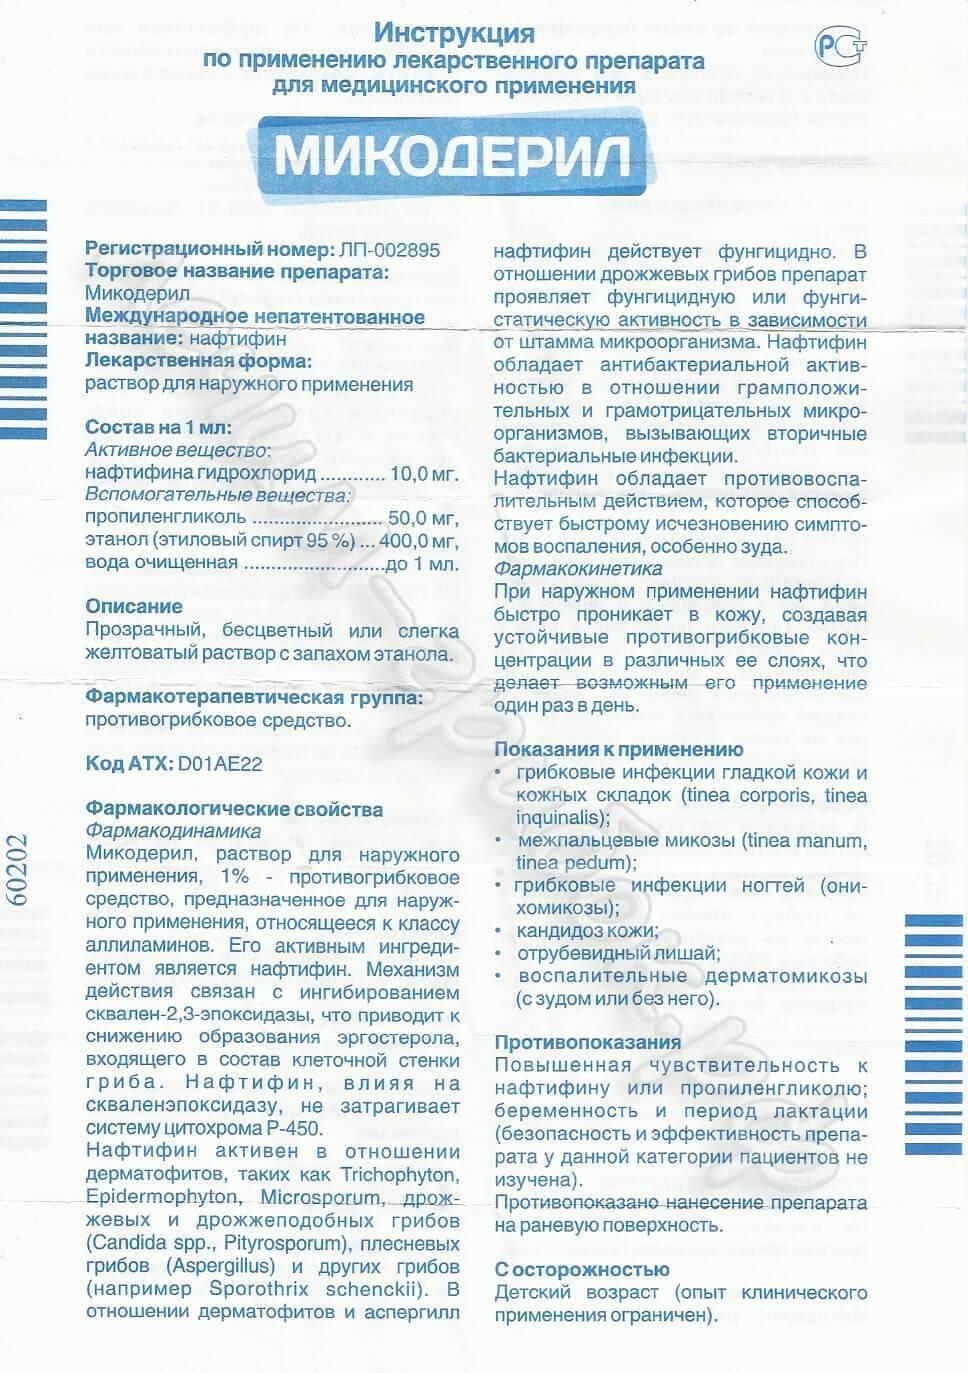 «Виасил»: отзывы, состав, инструкция по применению и эффект